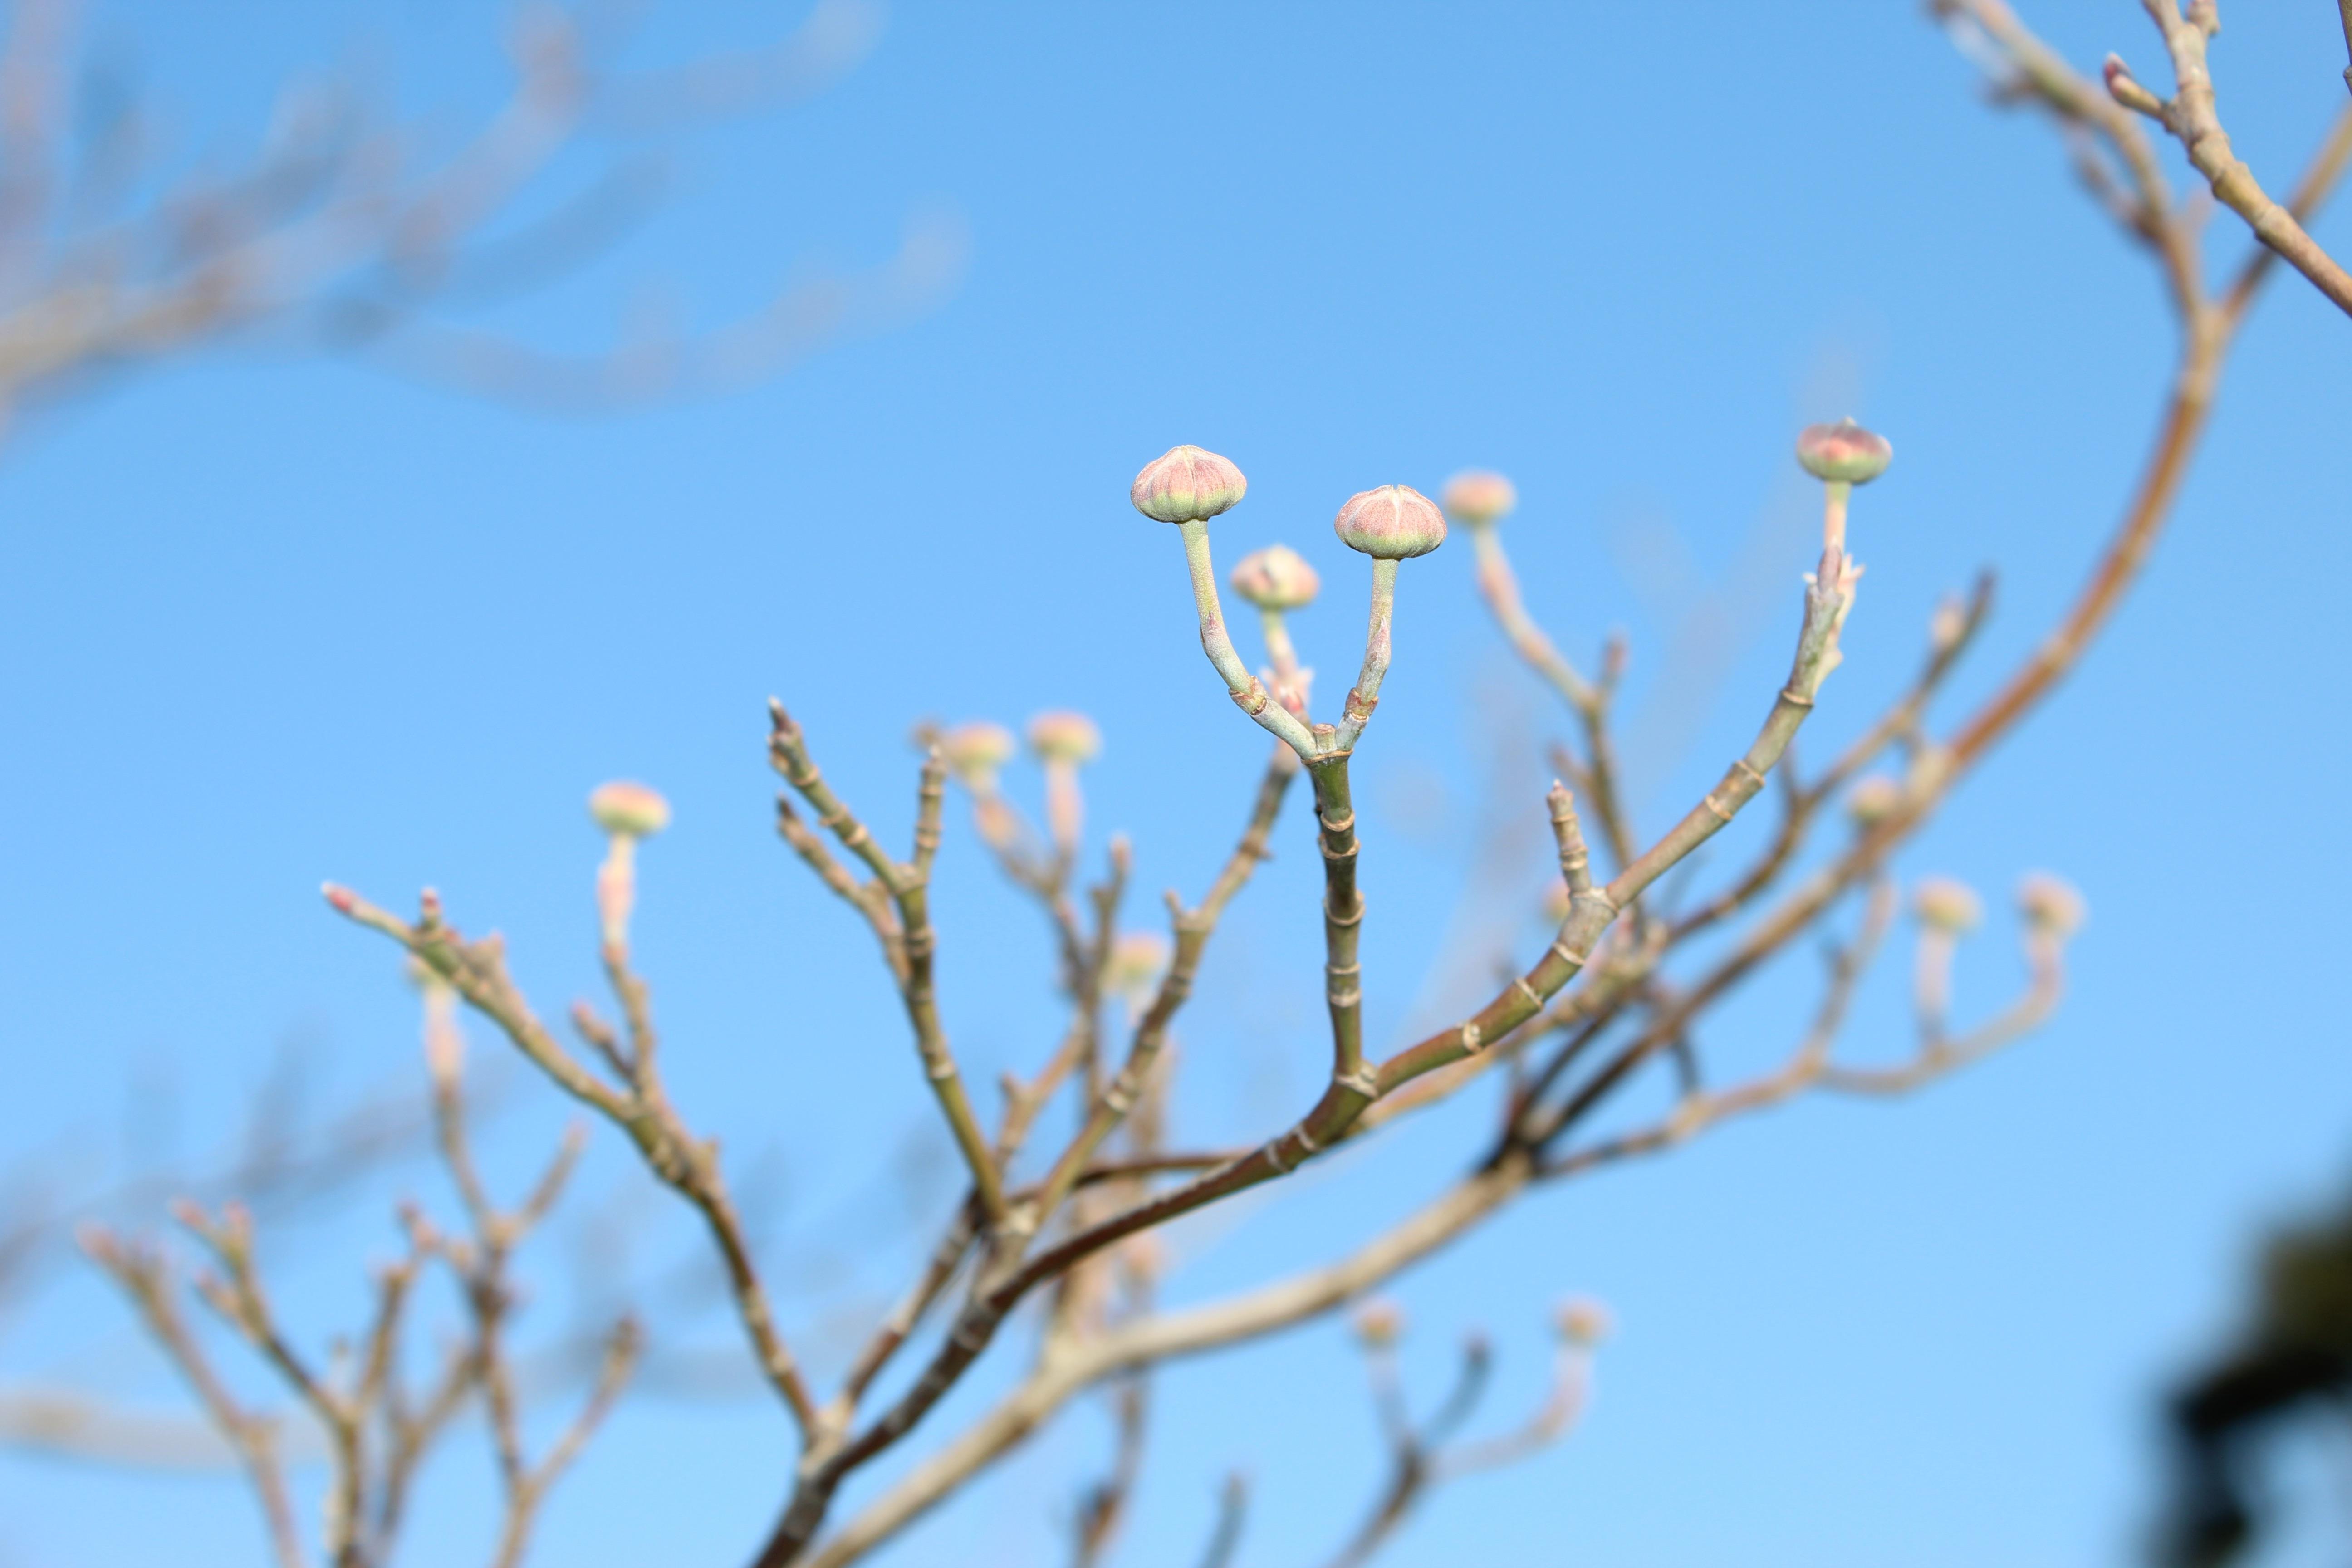 今日の誕生花の花水木(はなみずき)は、早くから春の準備は完了していて、出待ちです。